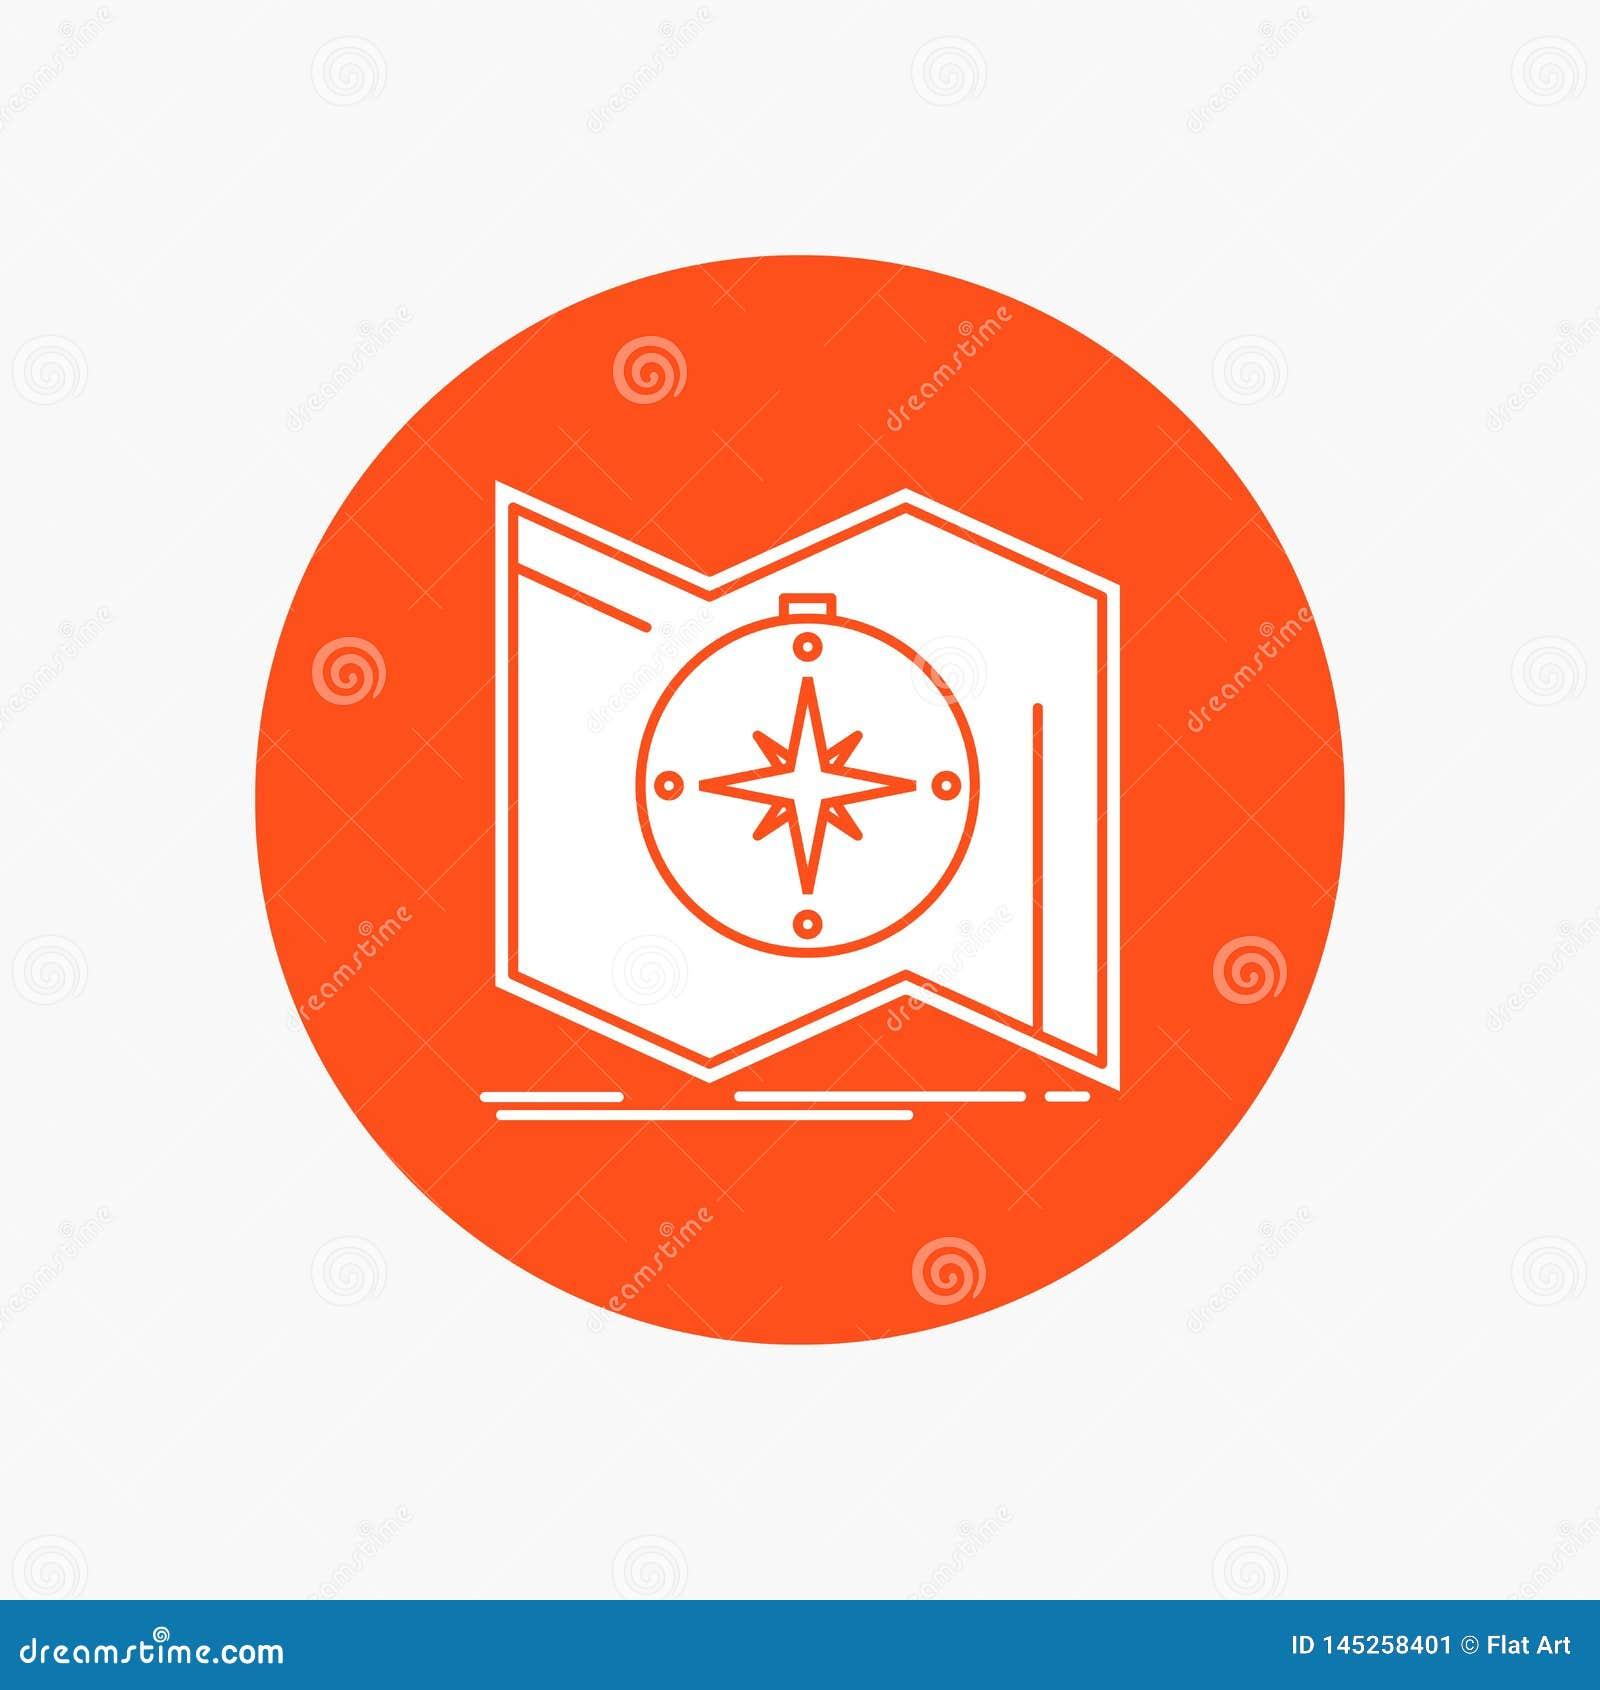 Richtung, erforschen, zeichnen auf, steuern, Navigation weiße Glyph-Ikone im Kreis Vektor-Knopfillustration